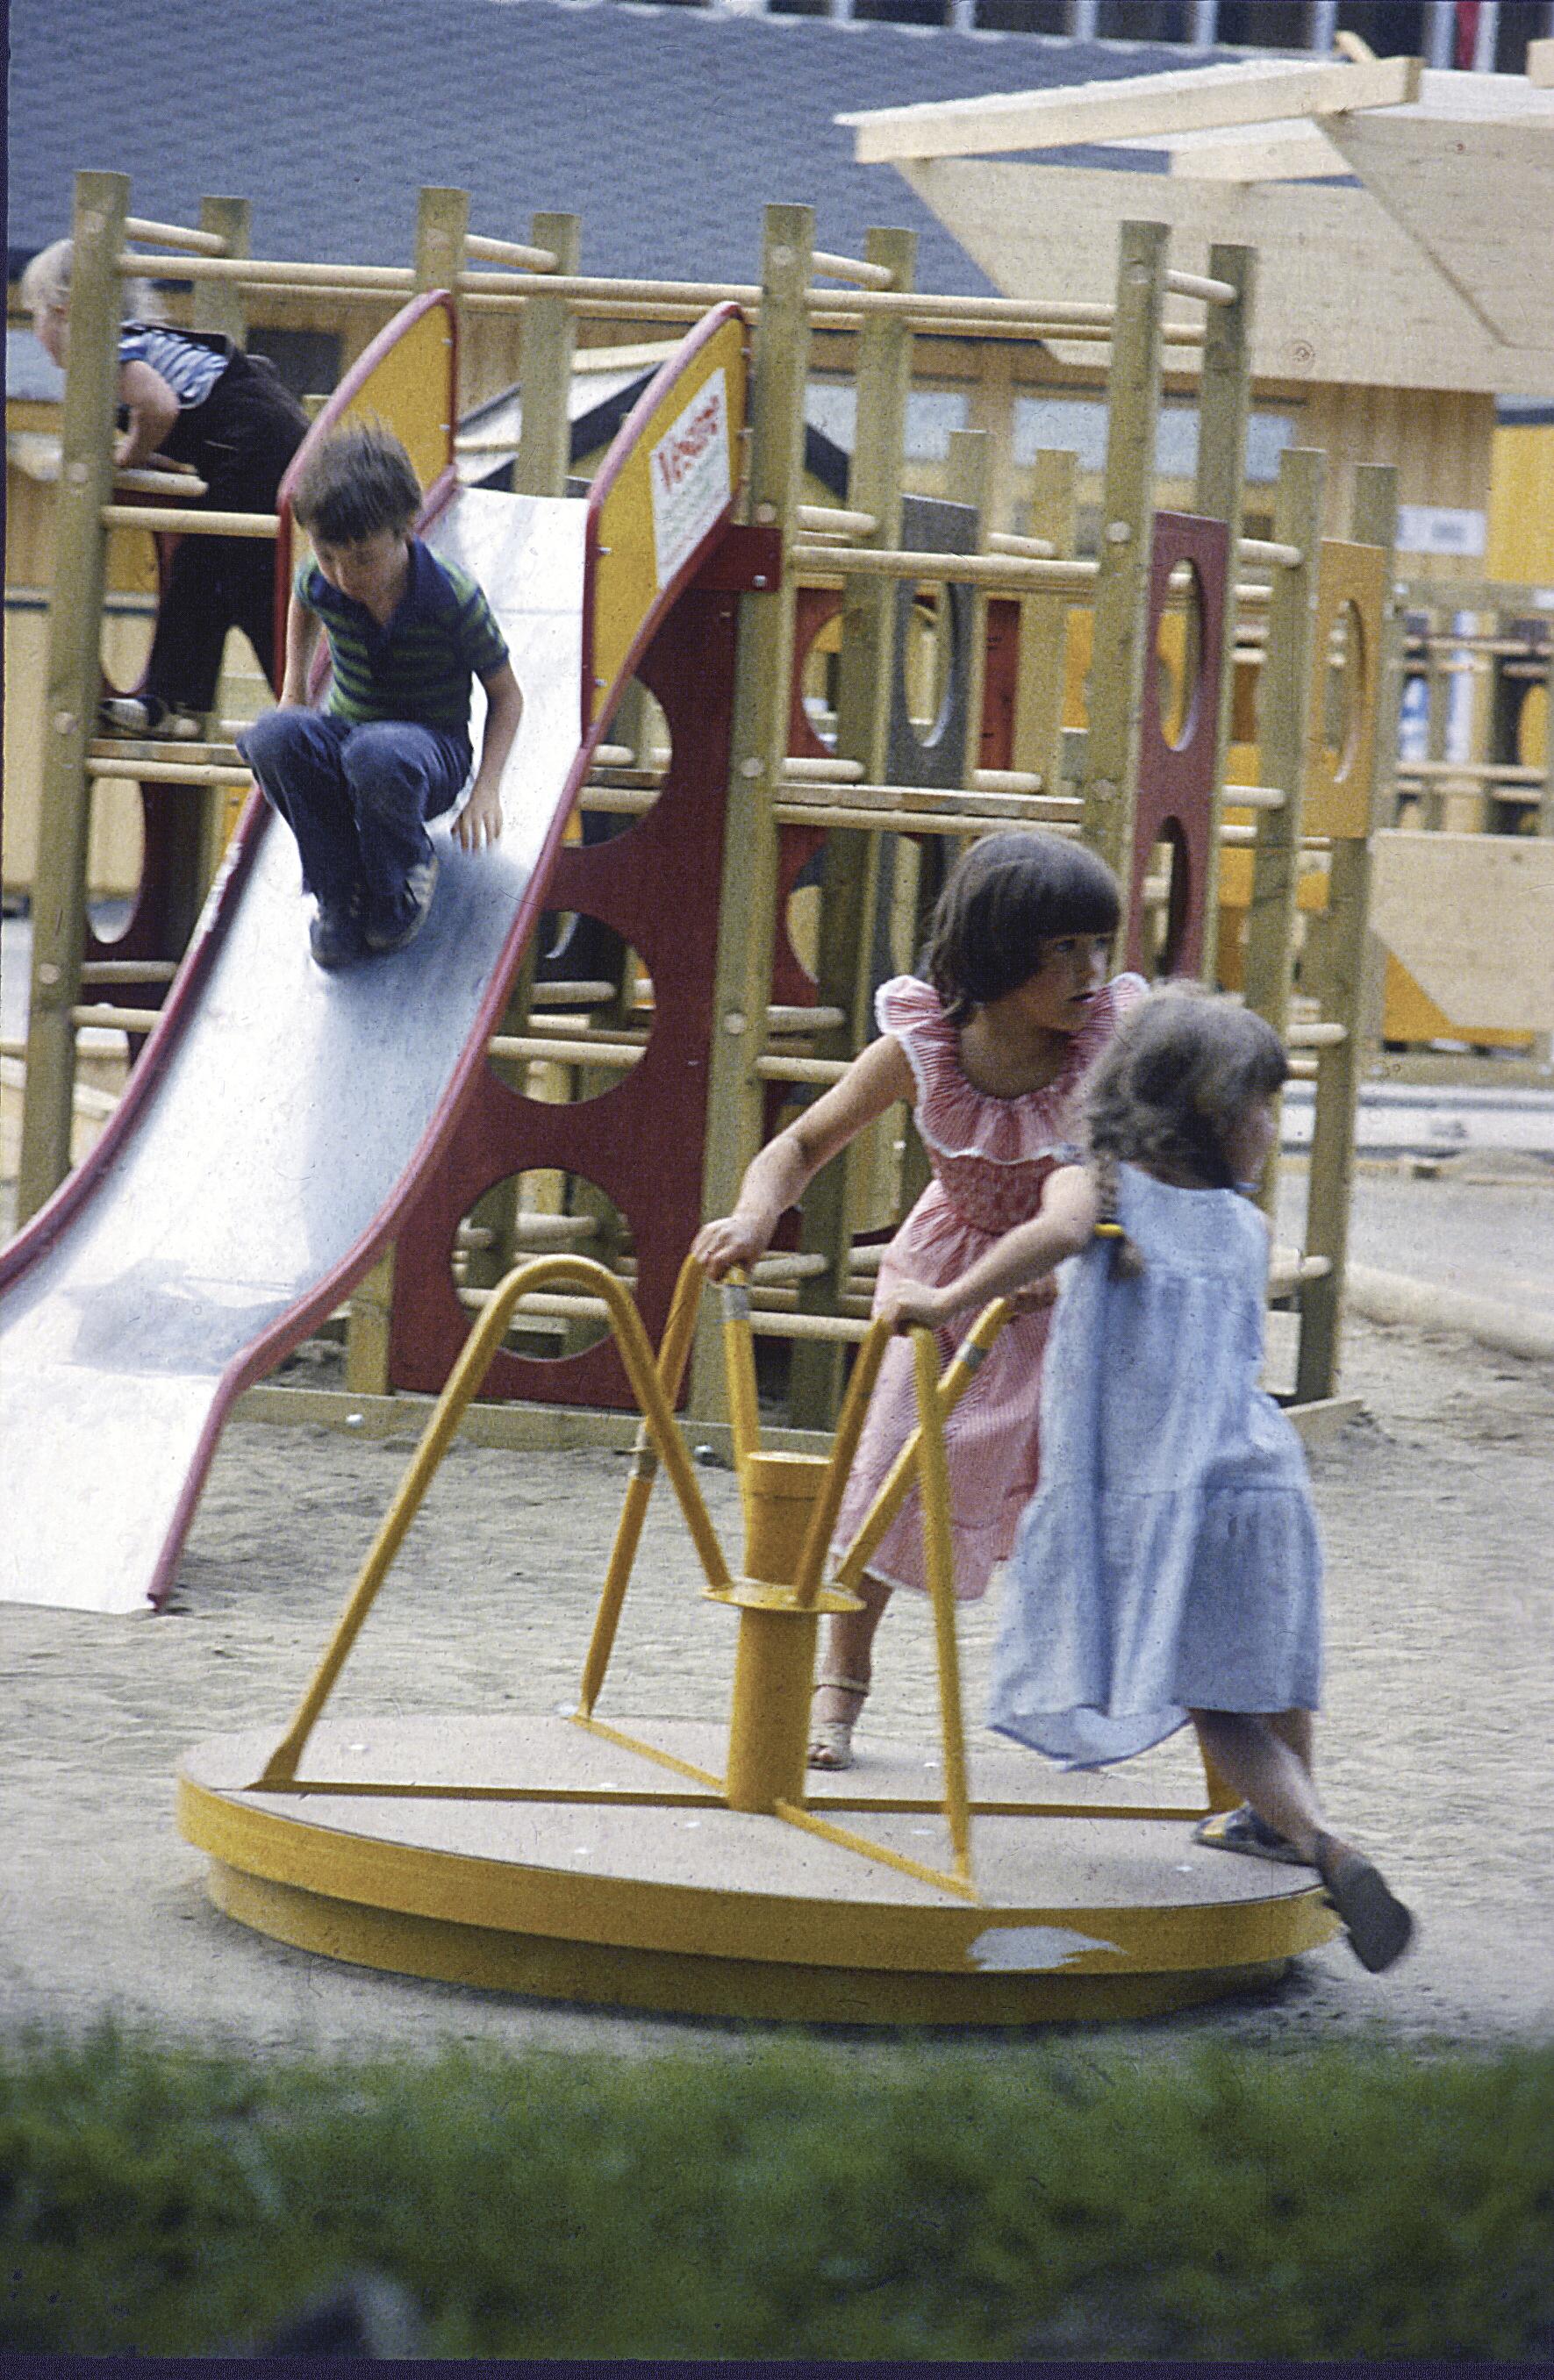 Lekeapparatene til Vestre har preget barndommen til mange 70-, 80- og 90-tallsbarn i landet. Foto: Vestre Street Furniture